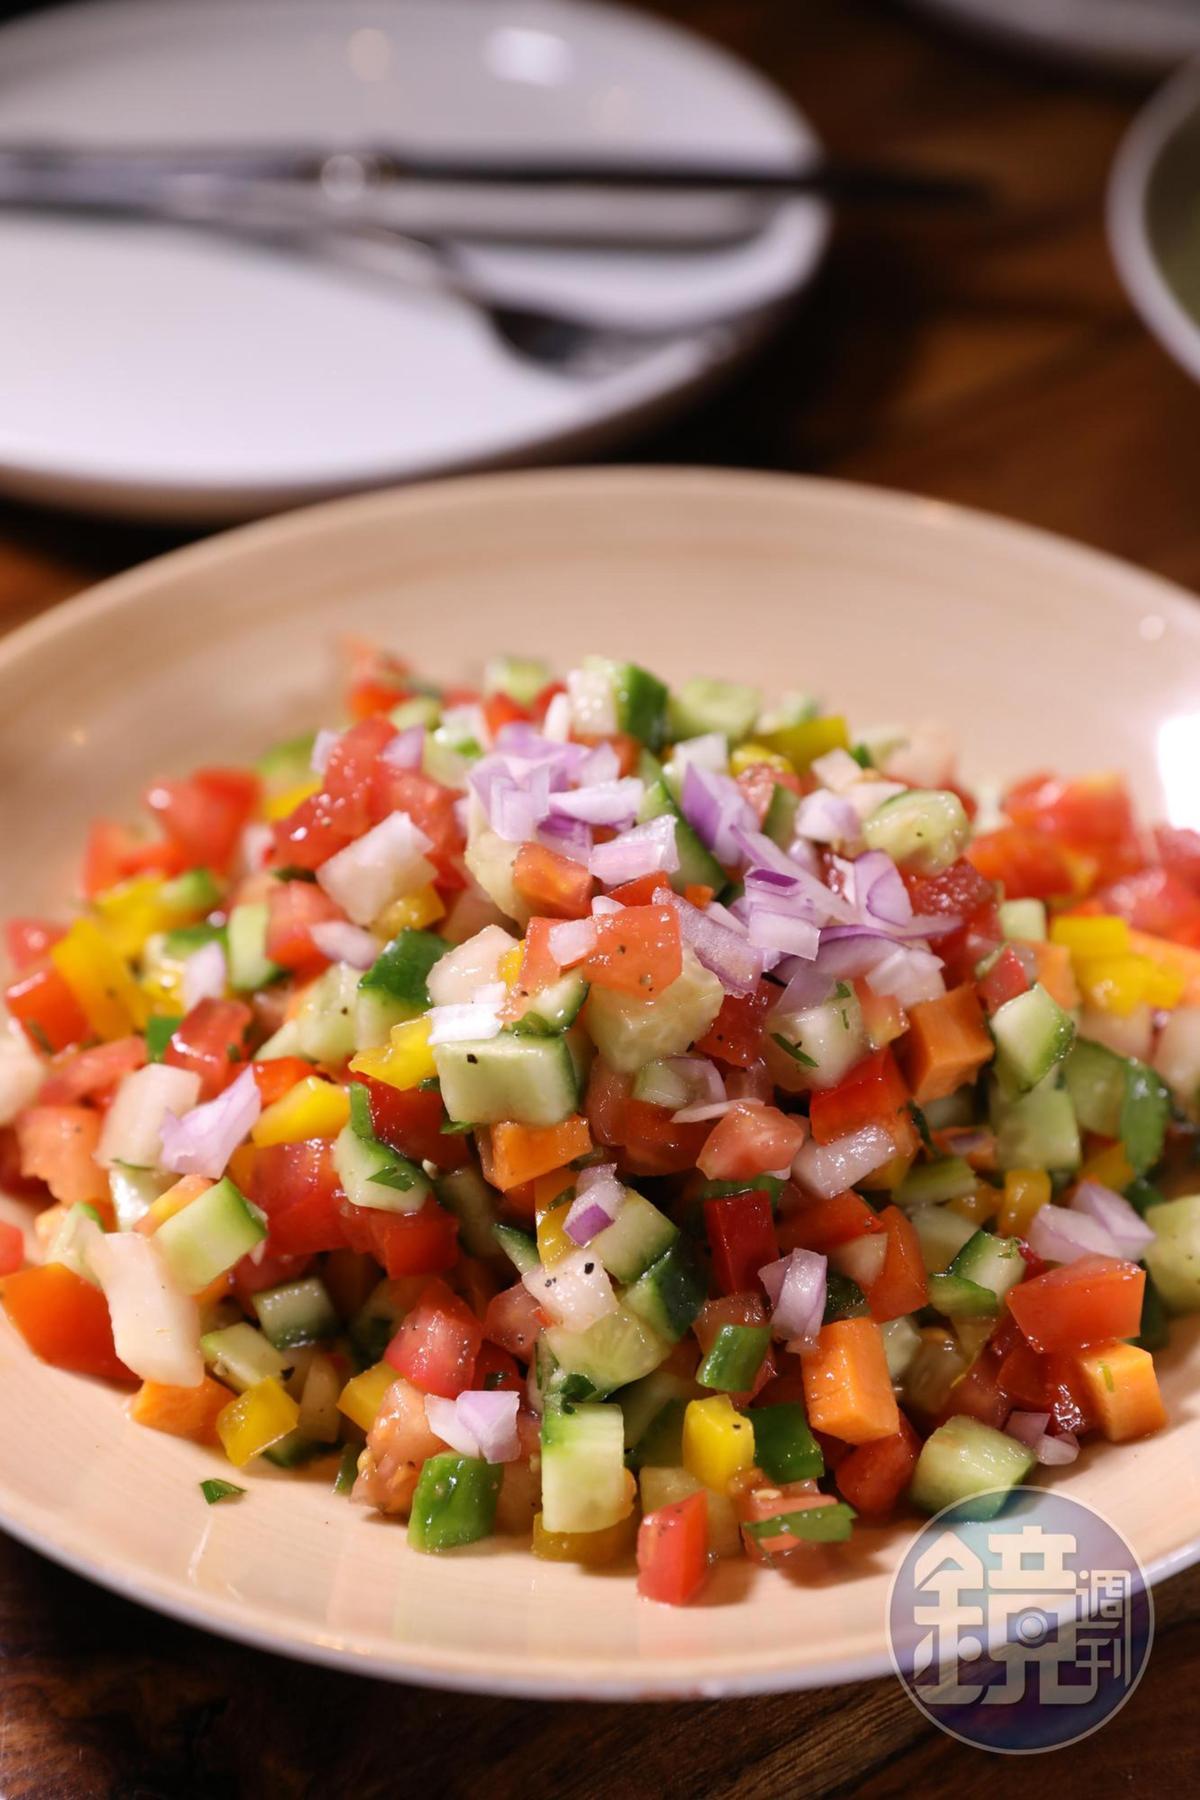 用數種蔬菜切丁拌成的沙拉,甜酸開胃。(39新謝克爾/份,約NT$332)